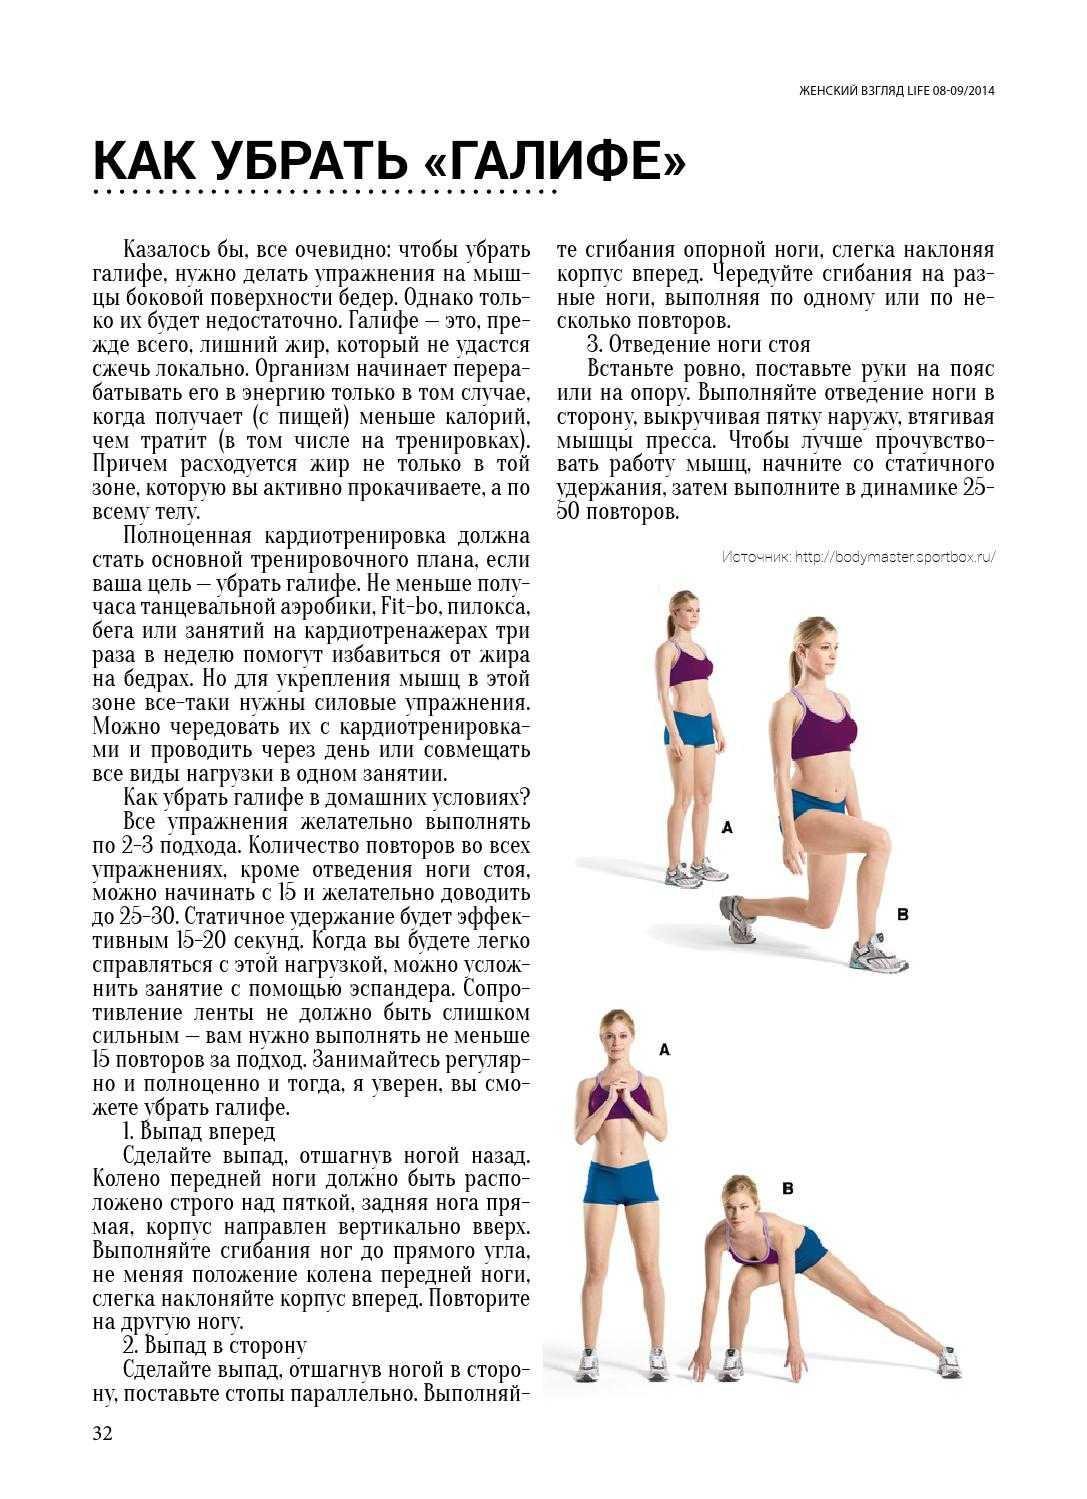 9 статических упражнений для ног, ягодиц и бедер: похудение и